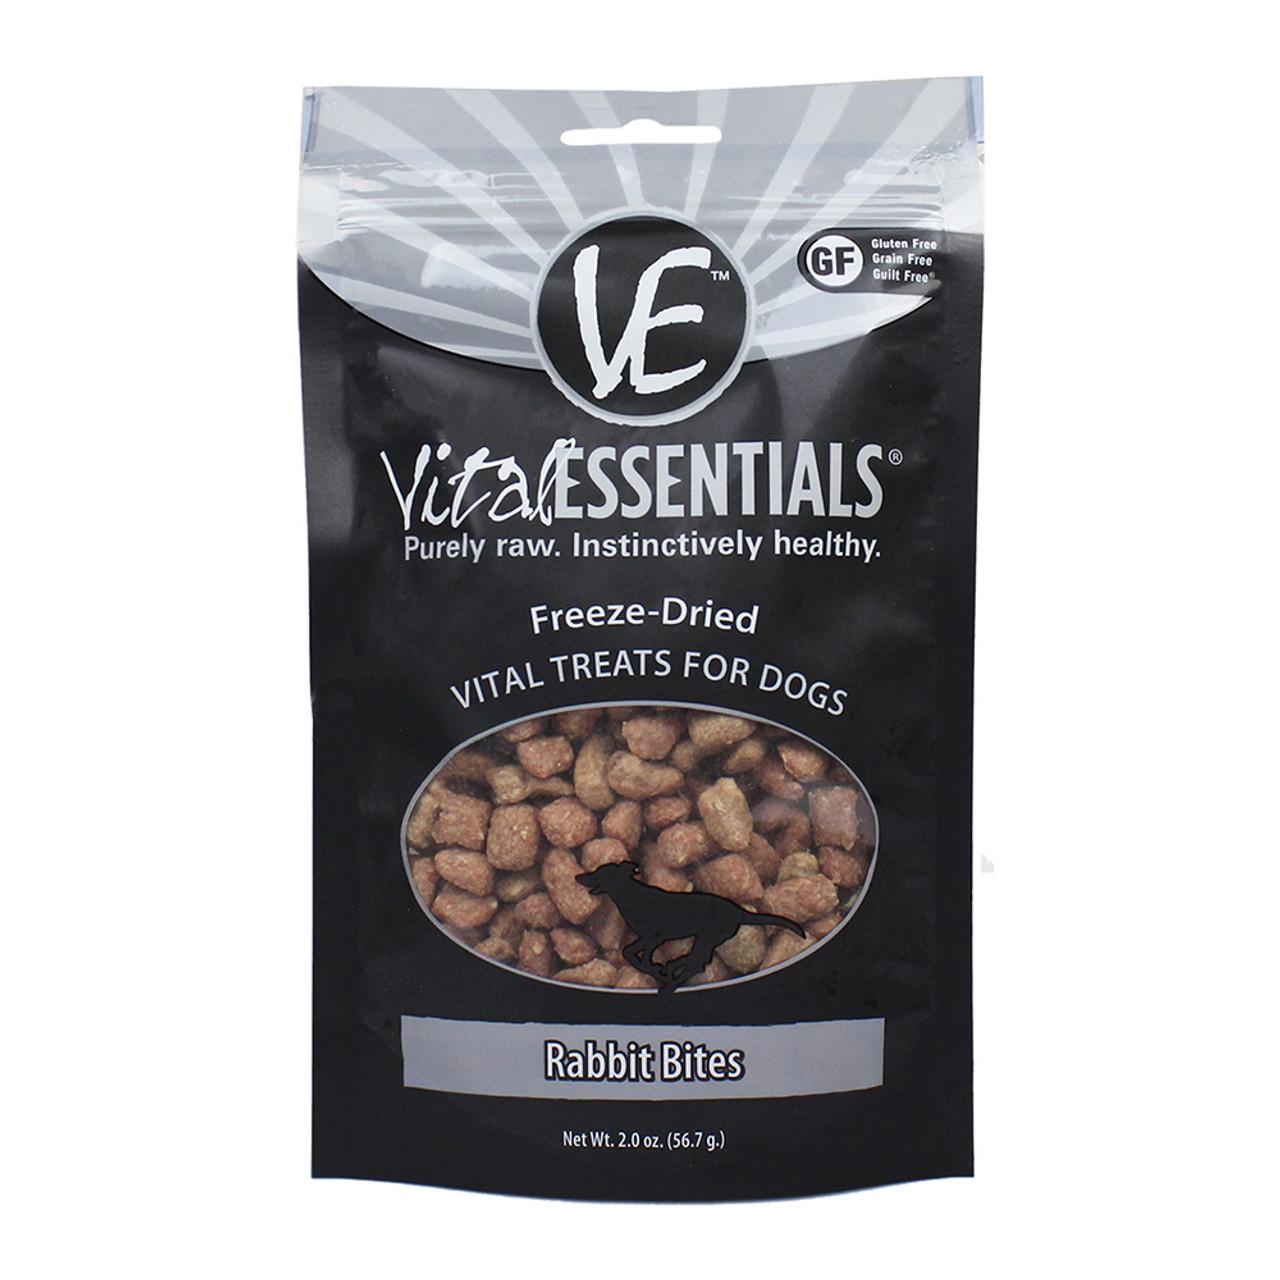 Vital Essentials Rabbit Bites Freeze-Dried Dog Treats